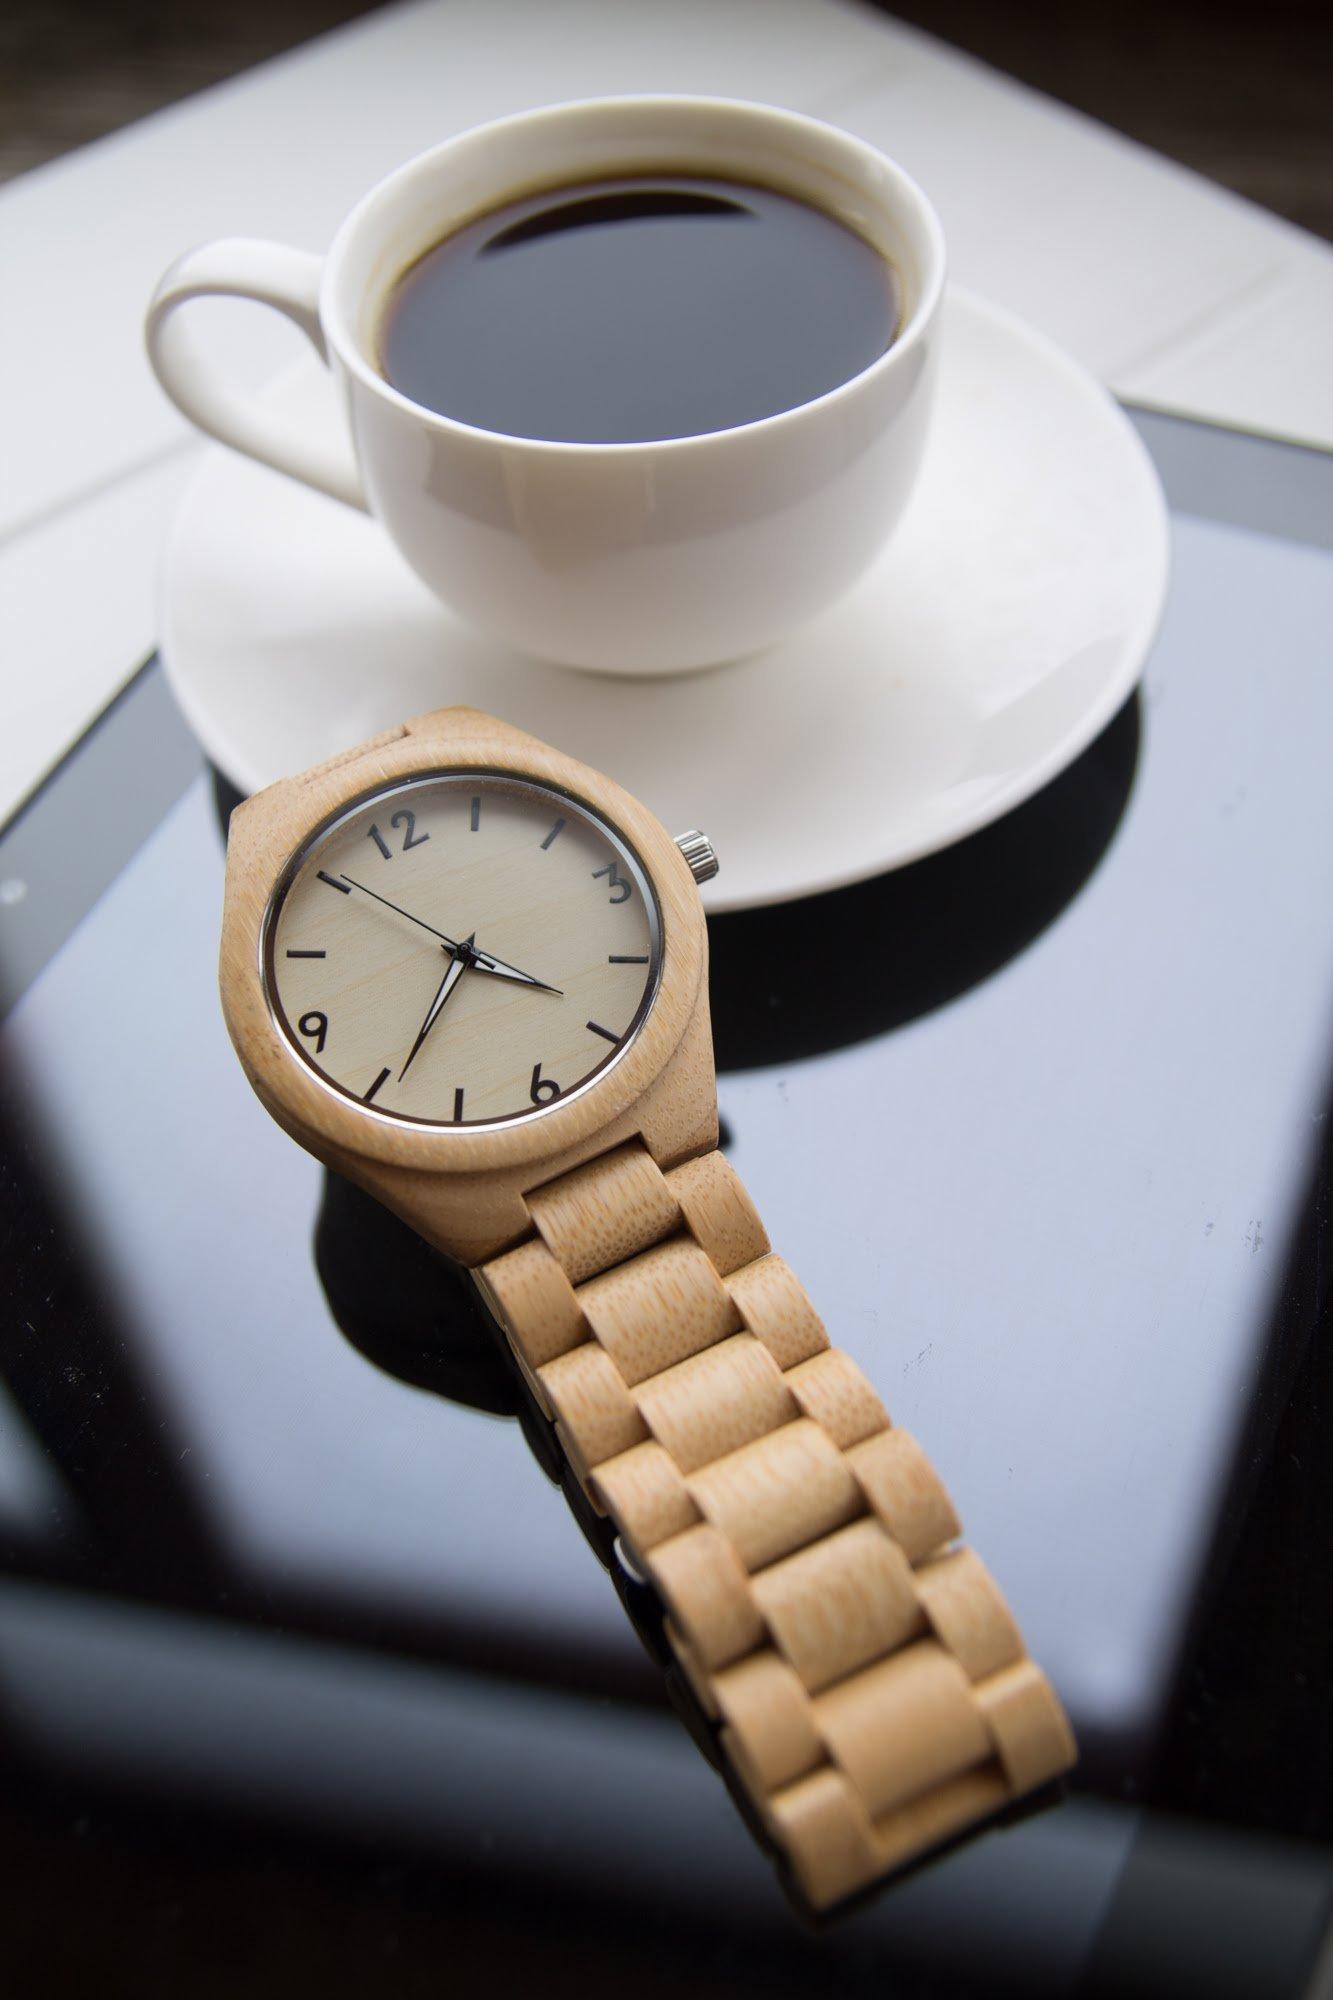 Тренд цієї весни - унікальний годинник з дерева, фото-6